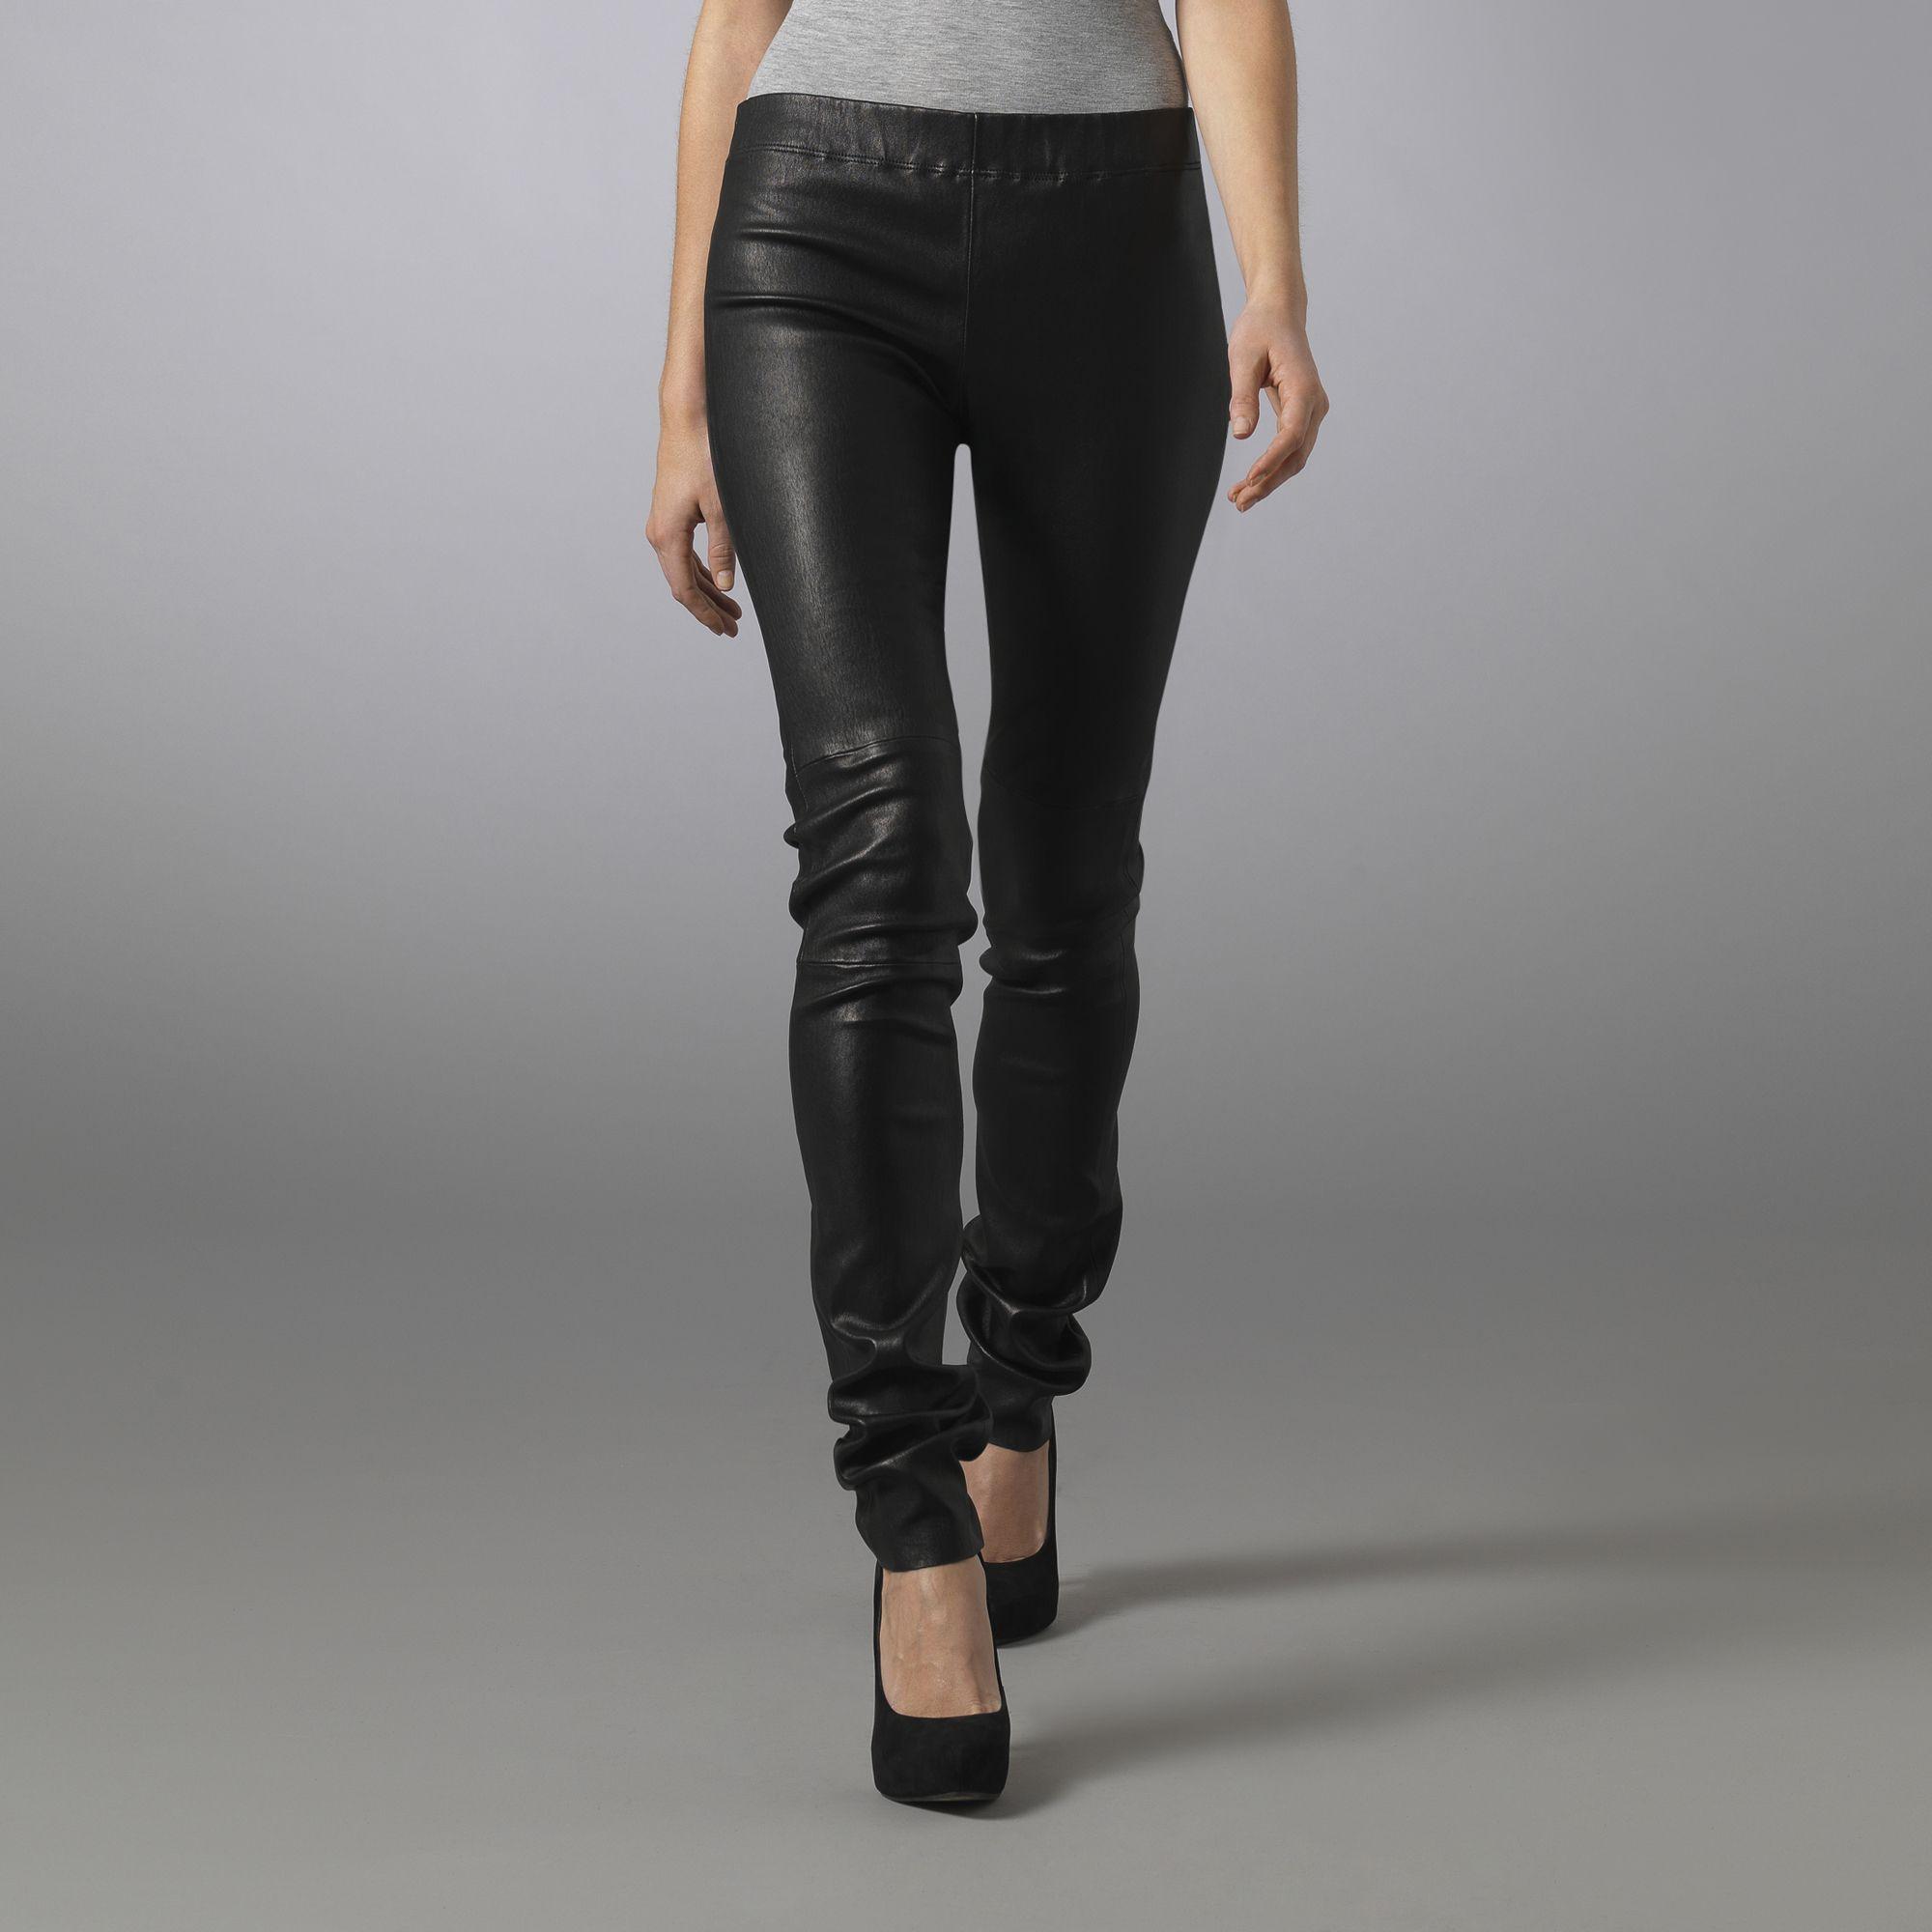 4e35a90a2c05b JOSEPH Leather Legging in Black - Lyst